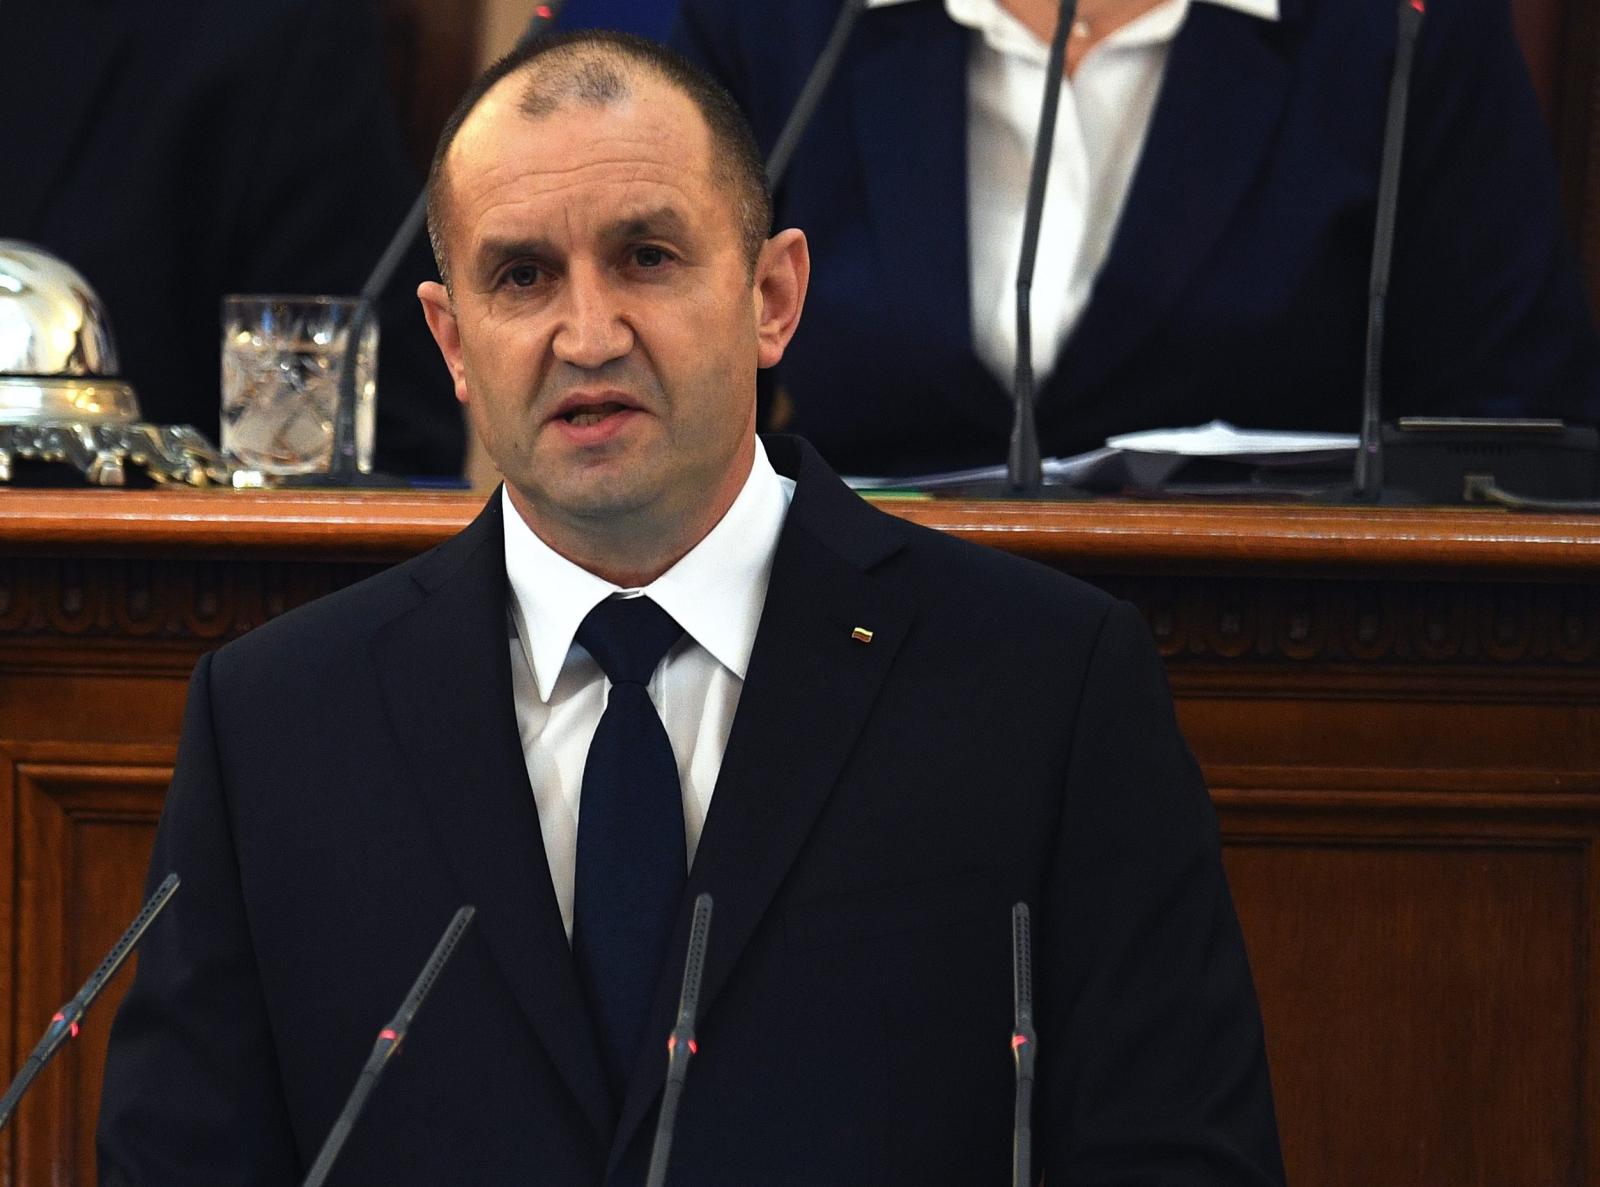 Uroczysta przysięga nowo wybranego prezydenta Bułgarii, Rumena Radeva.  Fot. PAP/EPA/VASSIL DONEV